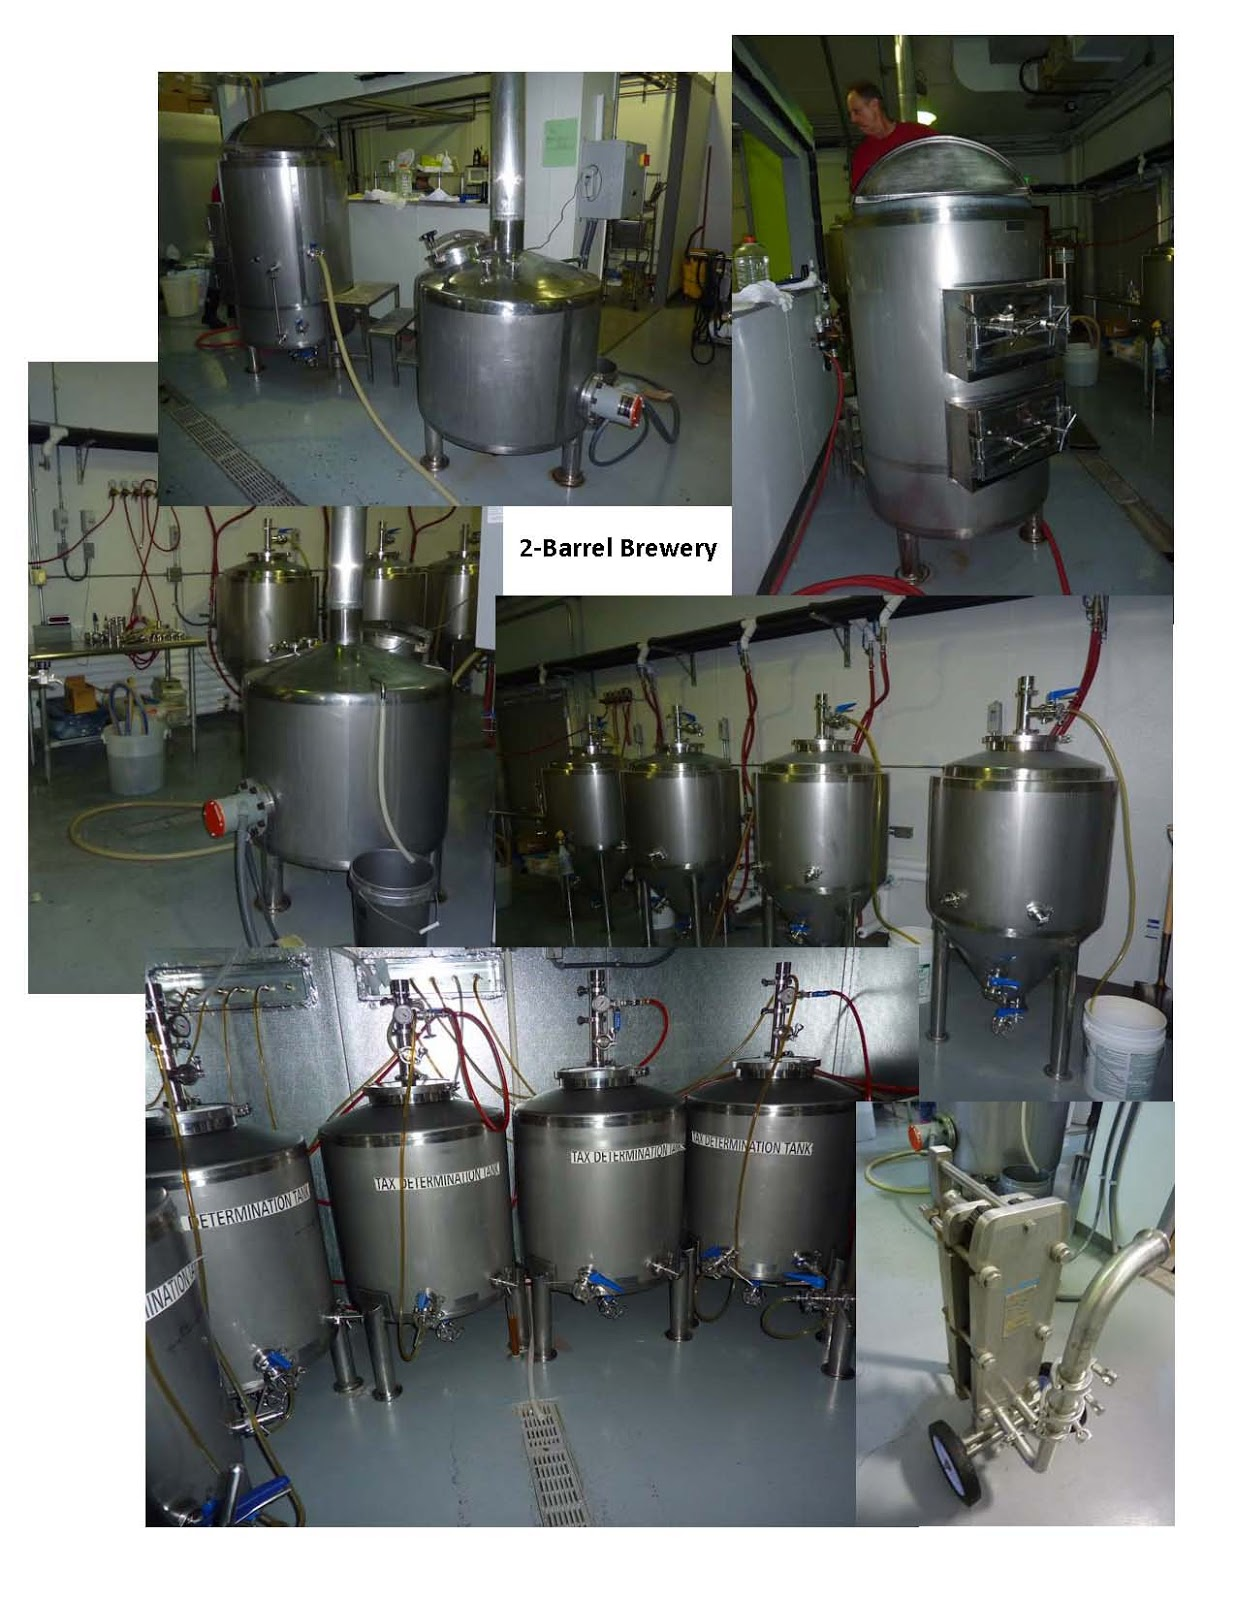 Ss Brewtech 1bbl nano brewhouse